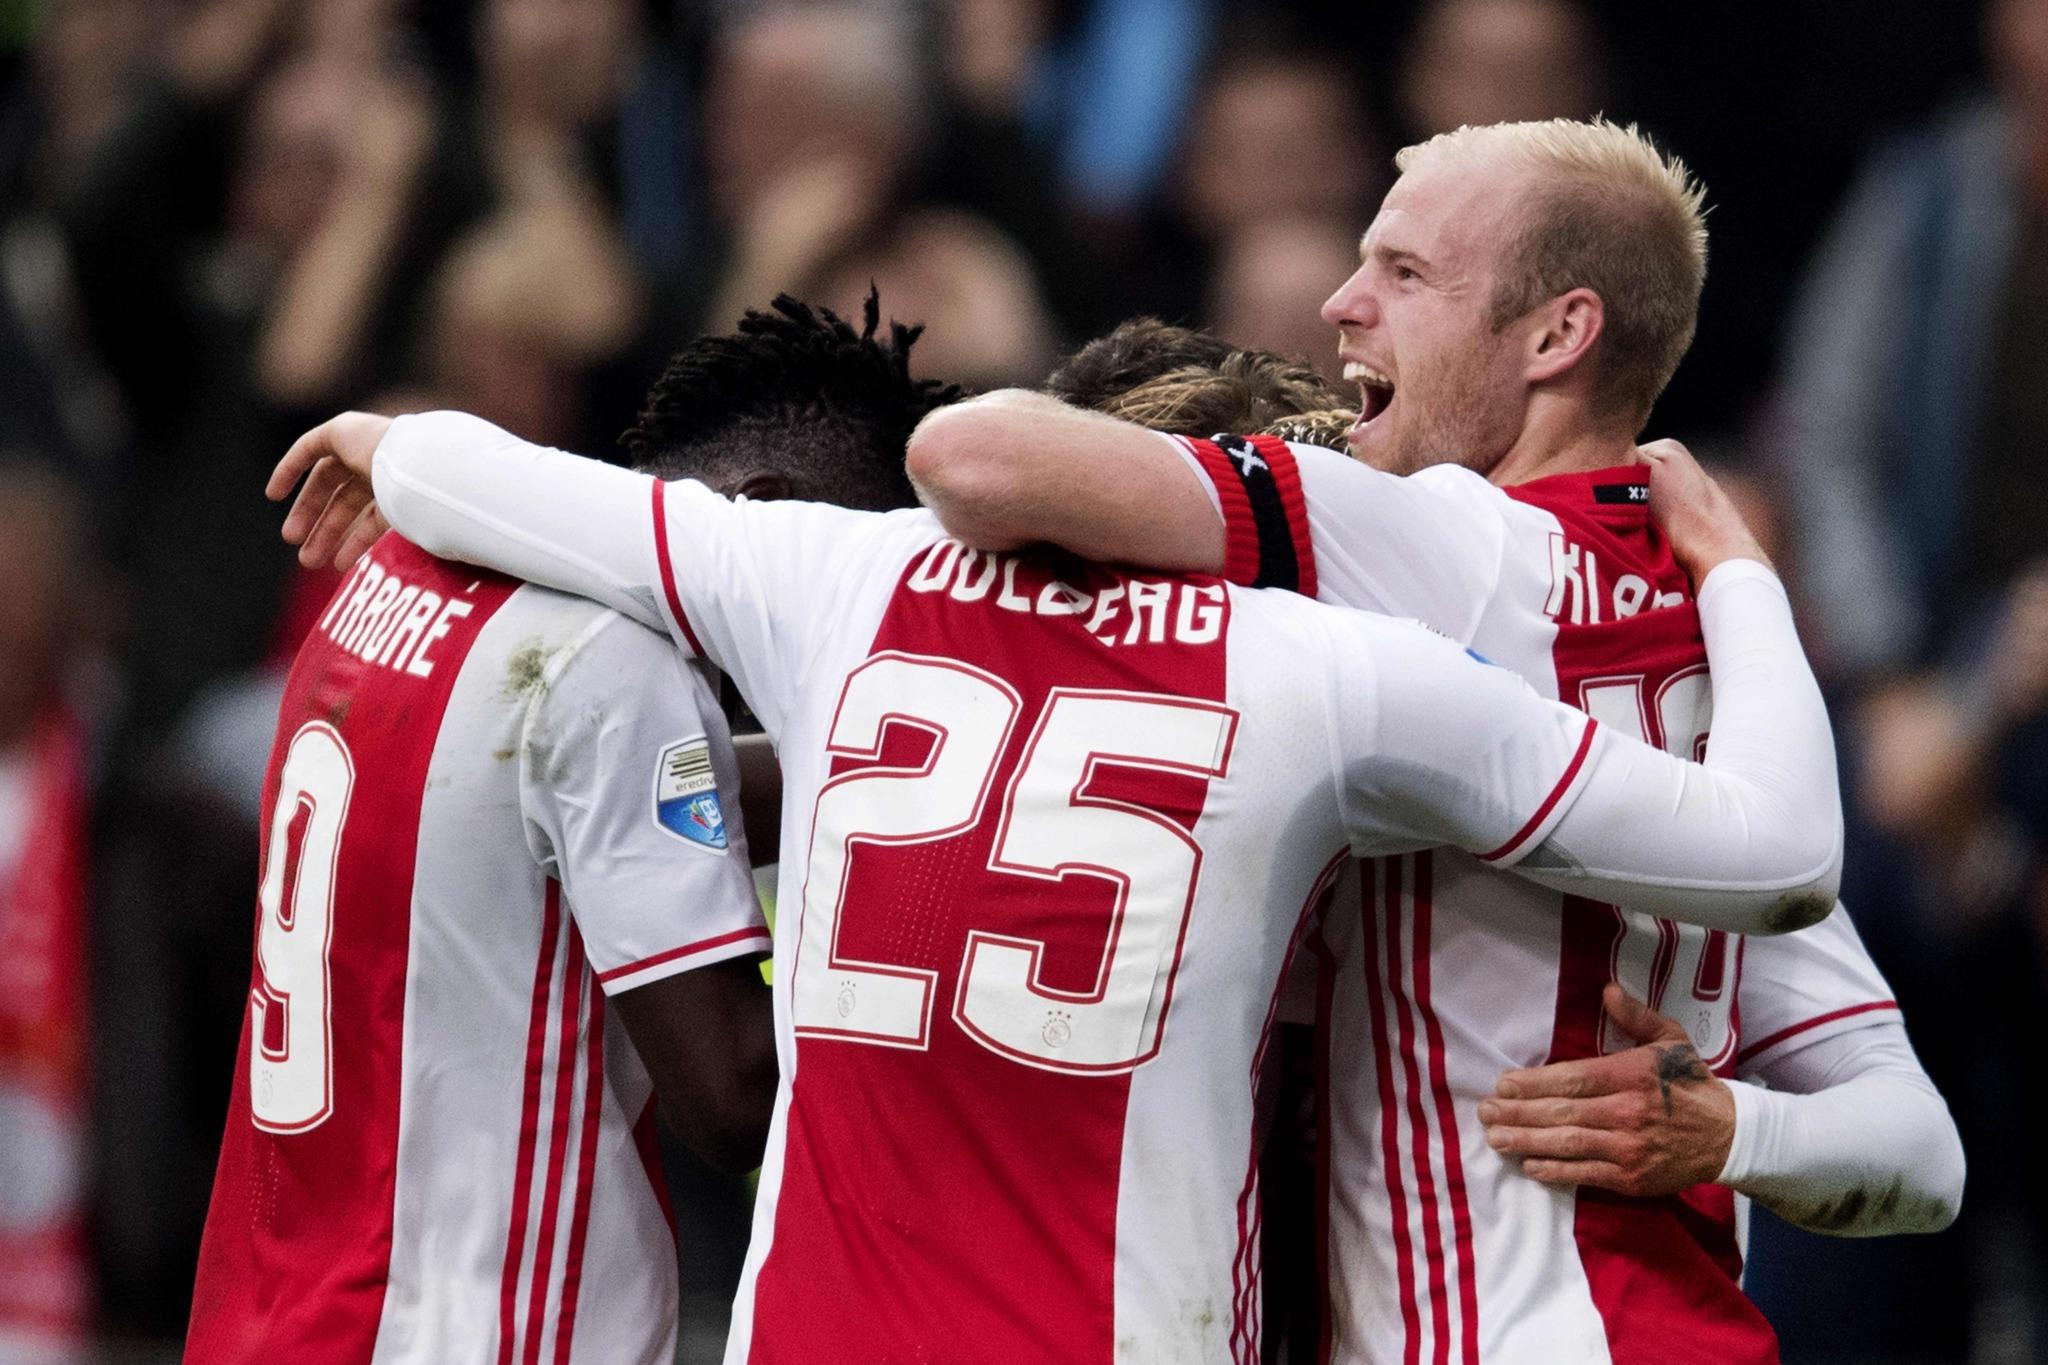 La cantera del Ajax, una de las mejores del mundo.